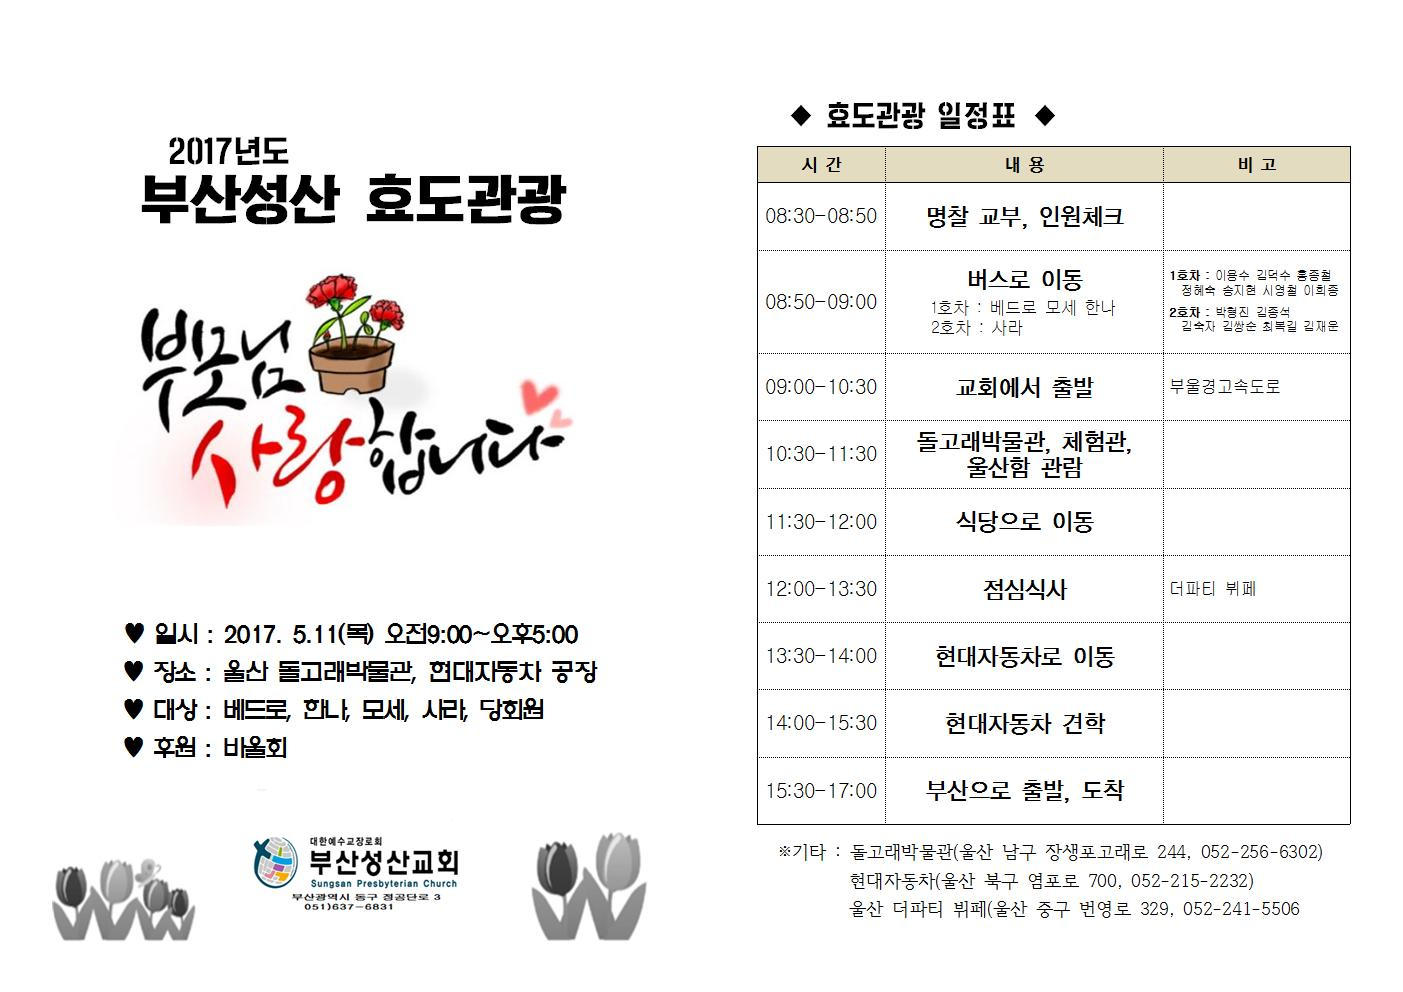 2017효도관광일정표ver2003.jpg